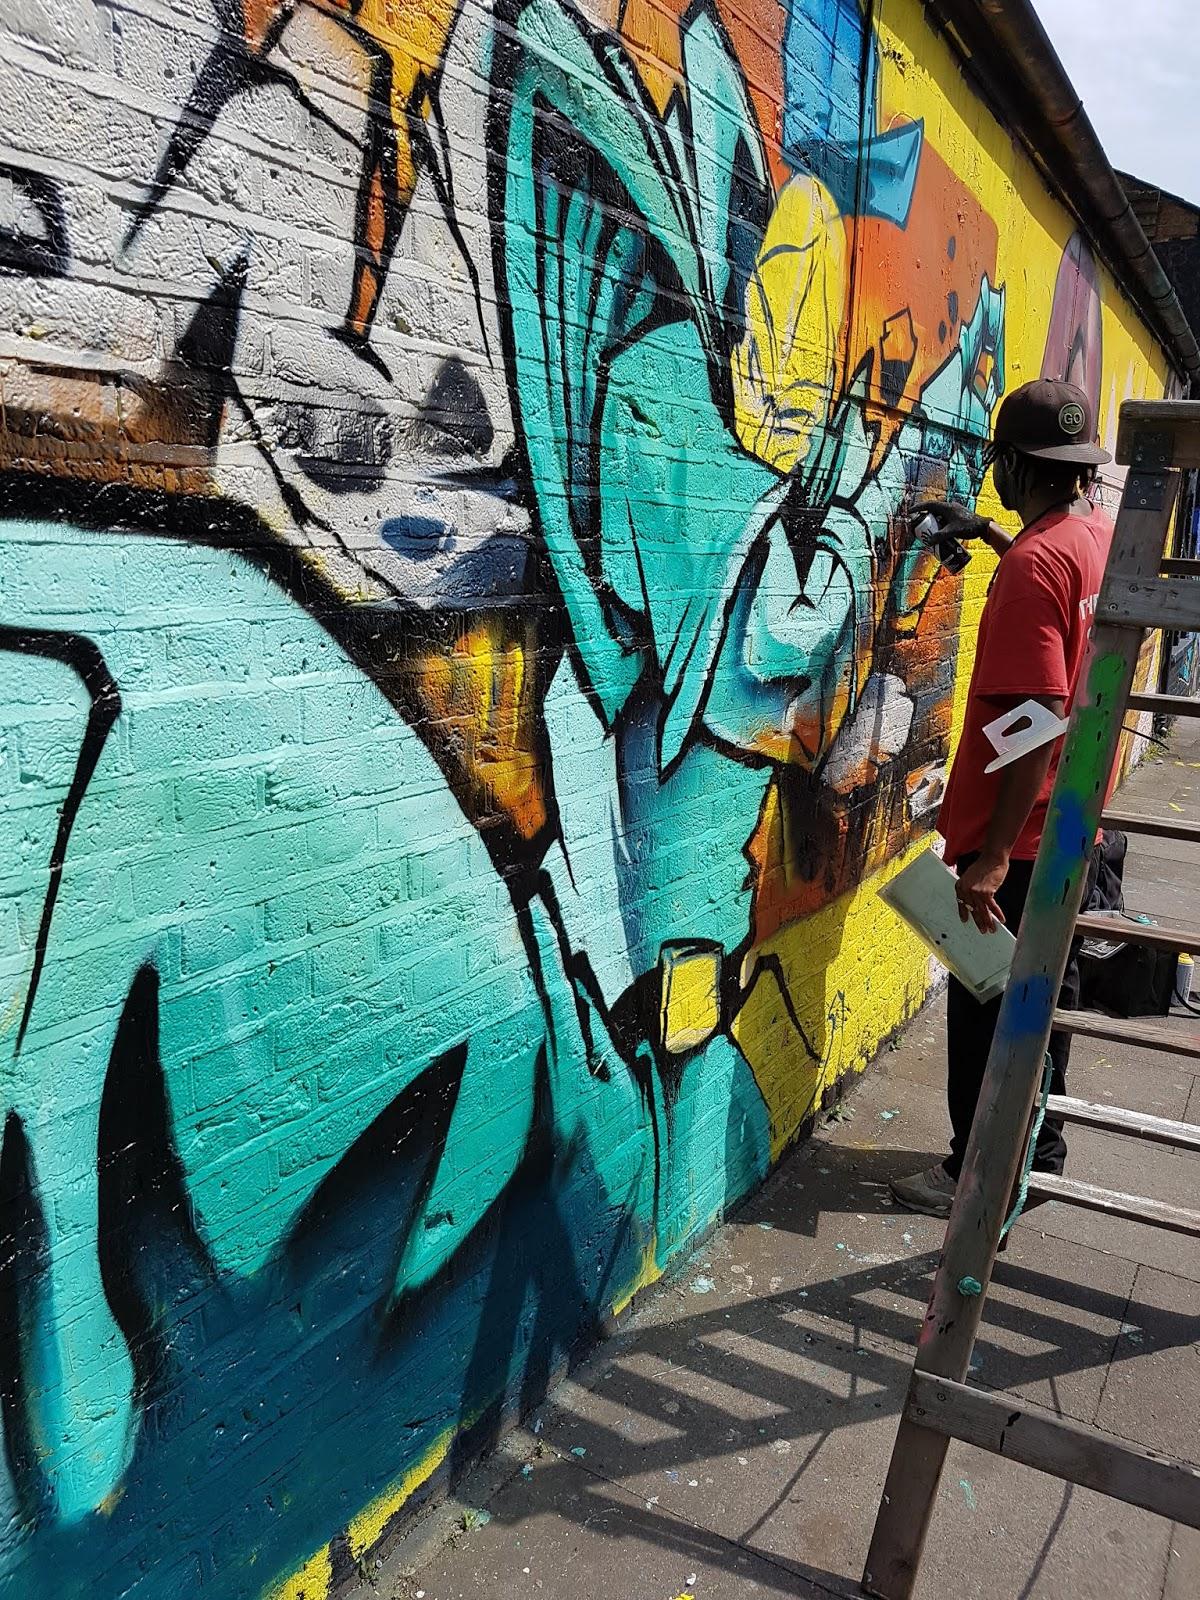 Graffiti Writers Of London Anset2000 Blog